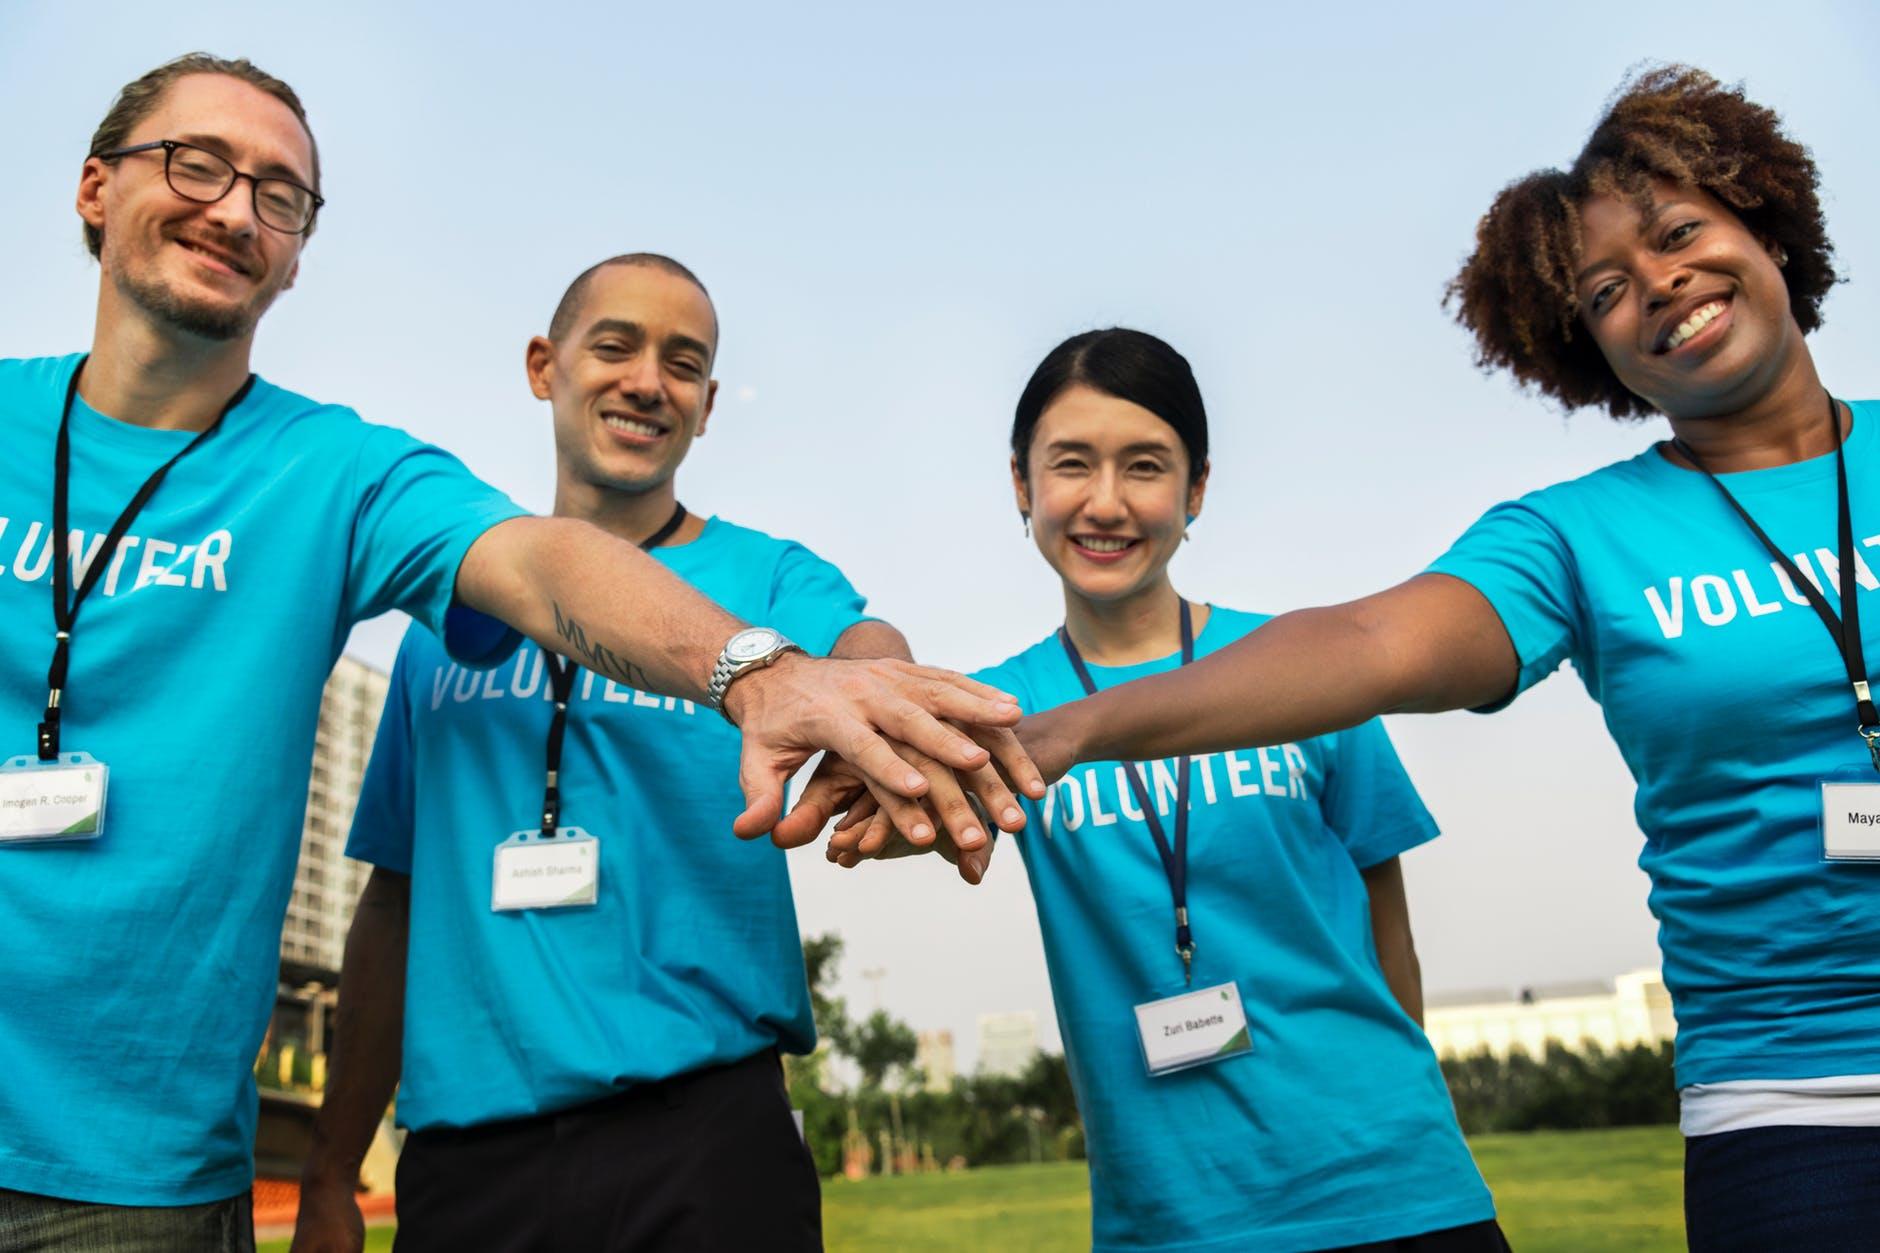 group of volunteer doing a teamwork gesture